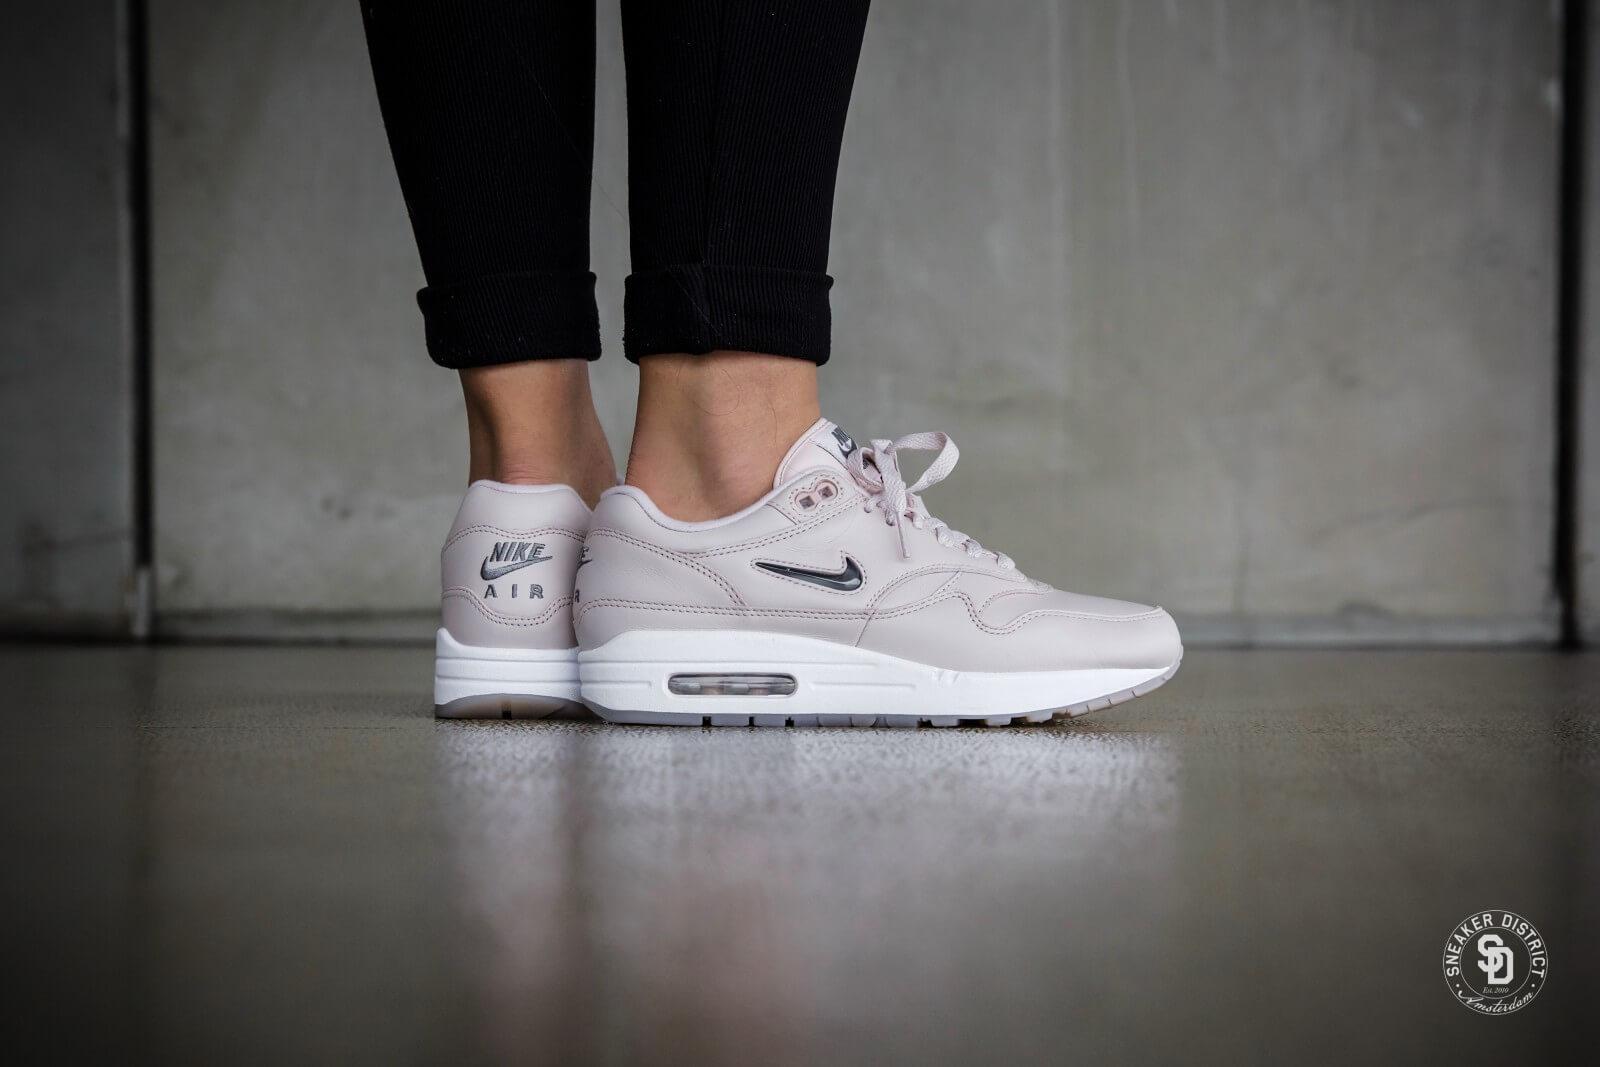 ... van korea dateren van geruchten hook-up plaatsen in singapore Nike wat  is de juridische dating leeftijd in new york Women's Air Max 1 Premium SC  ...